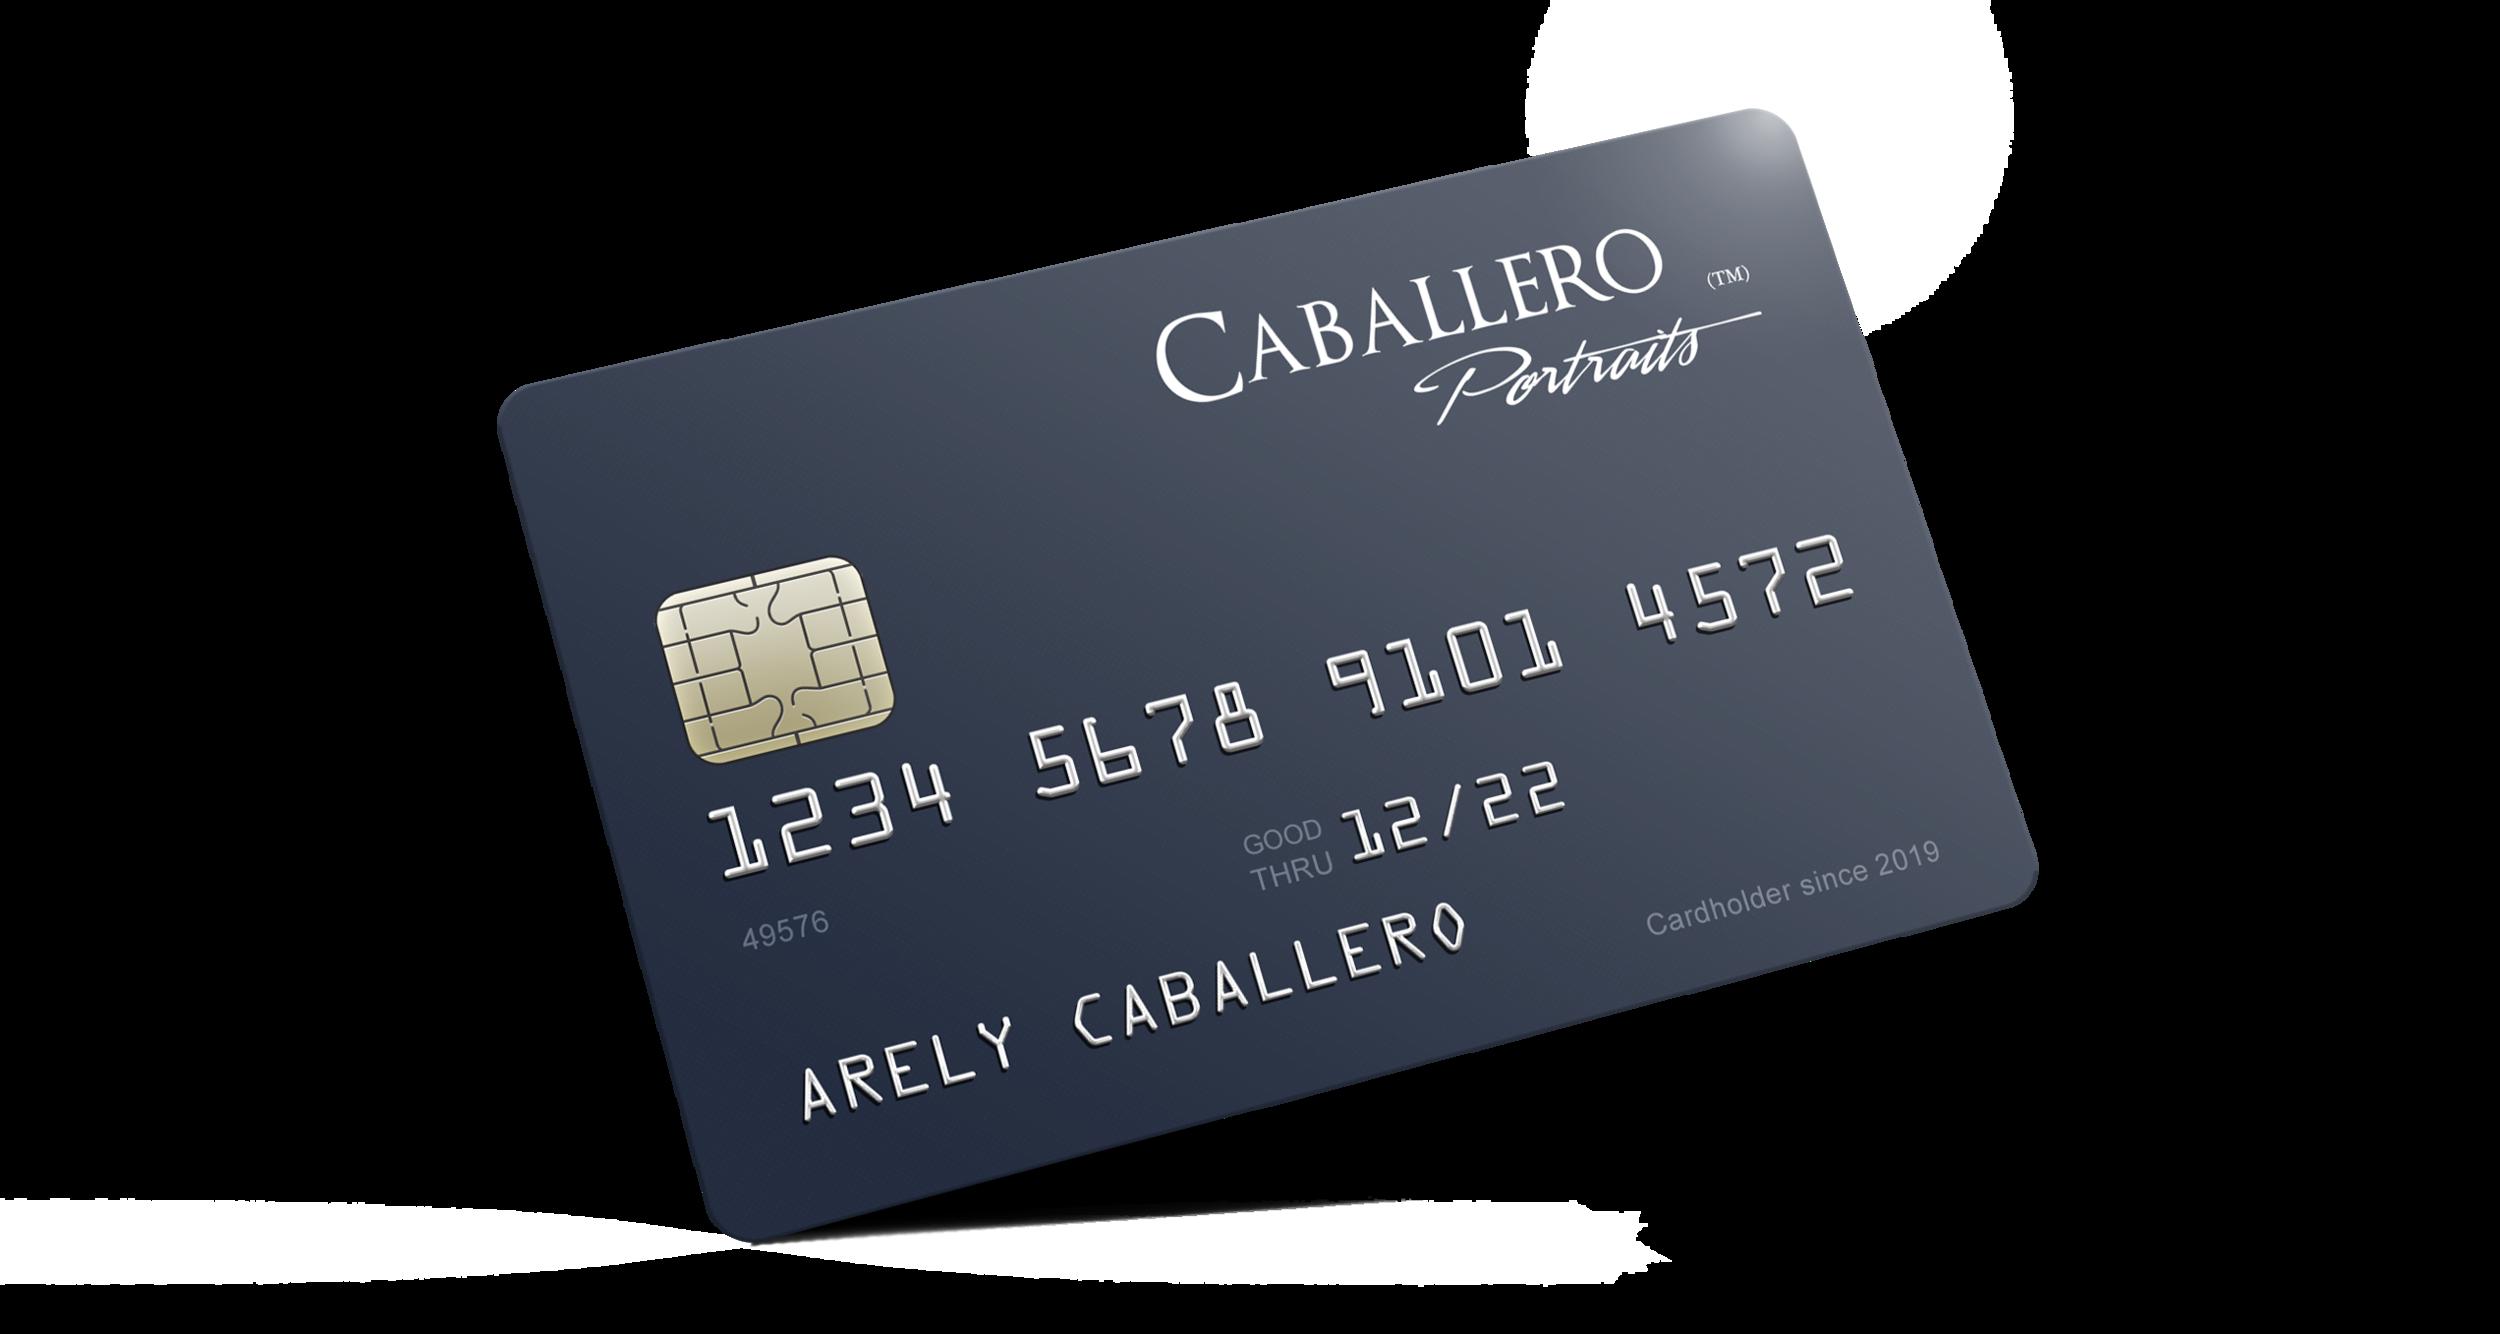 CERO interés¹ - ¹Sujeto a aprobación de crédito. Pagos Mínimos Mensuales Requeridos. Mas informes en la tienda. Nos reservamos el derecho de modificar o detener la promoción en cualquier momento.